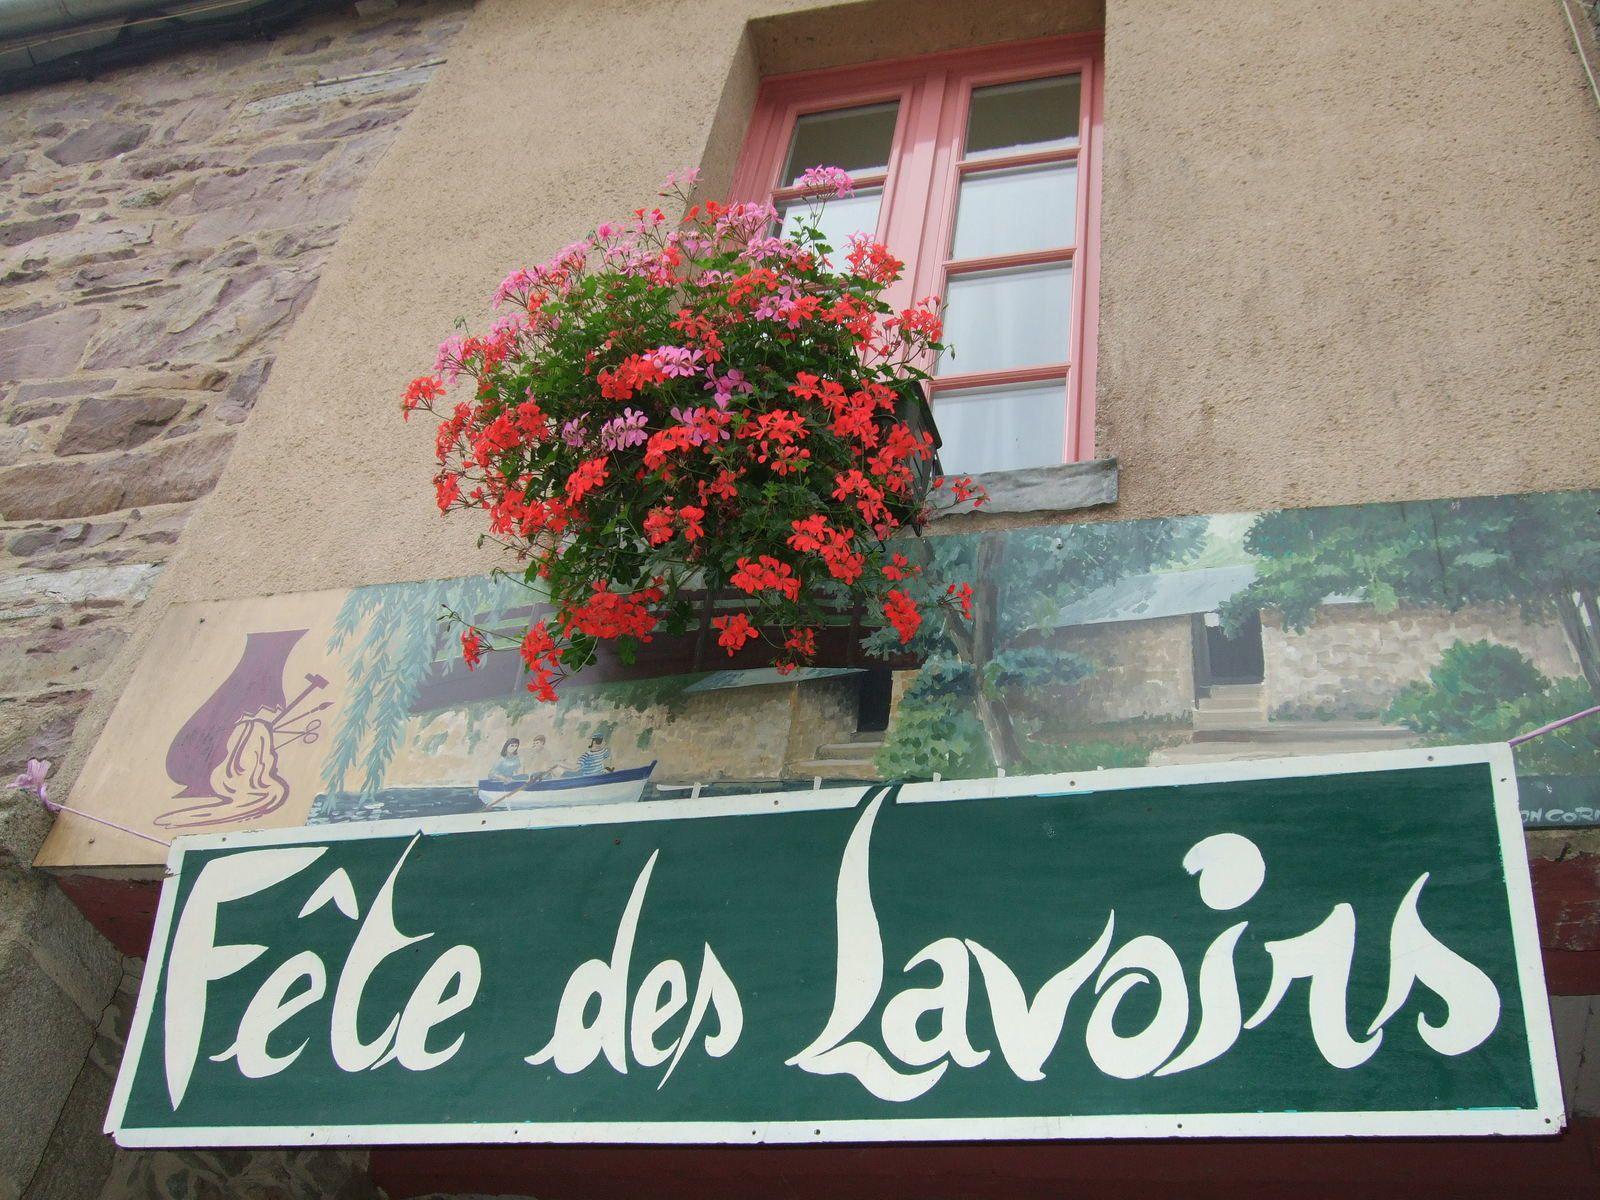 La Fête des Lavoirs à Pontrieux - Photos prise le 15 août 2009